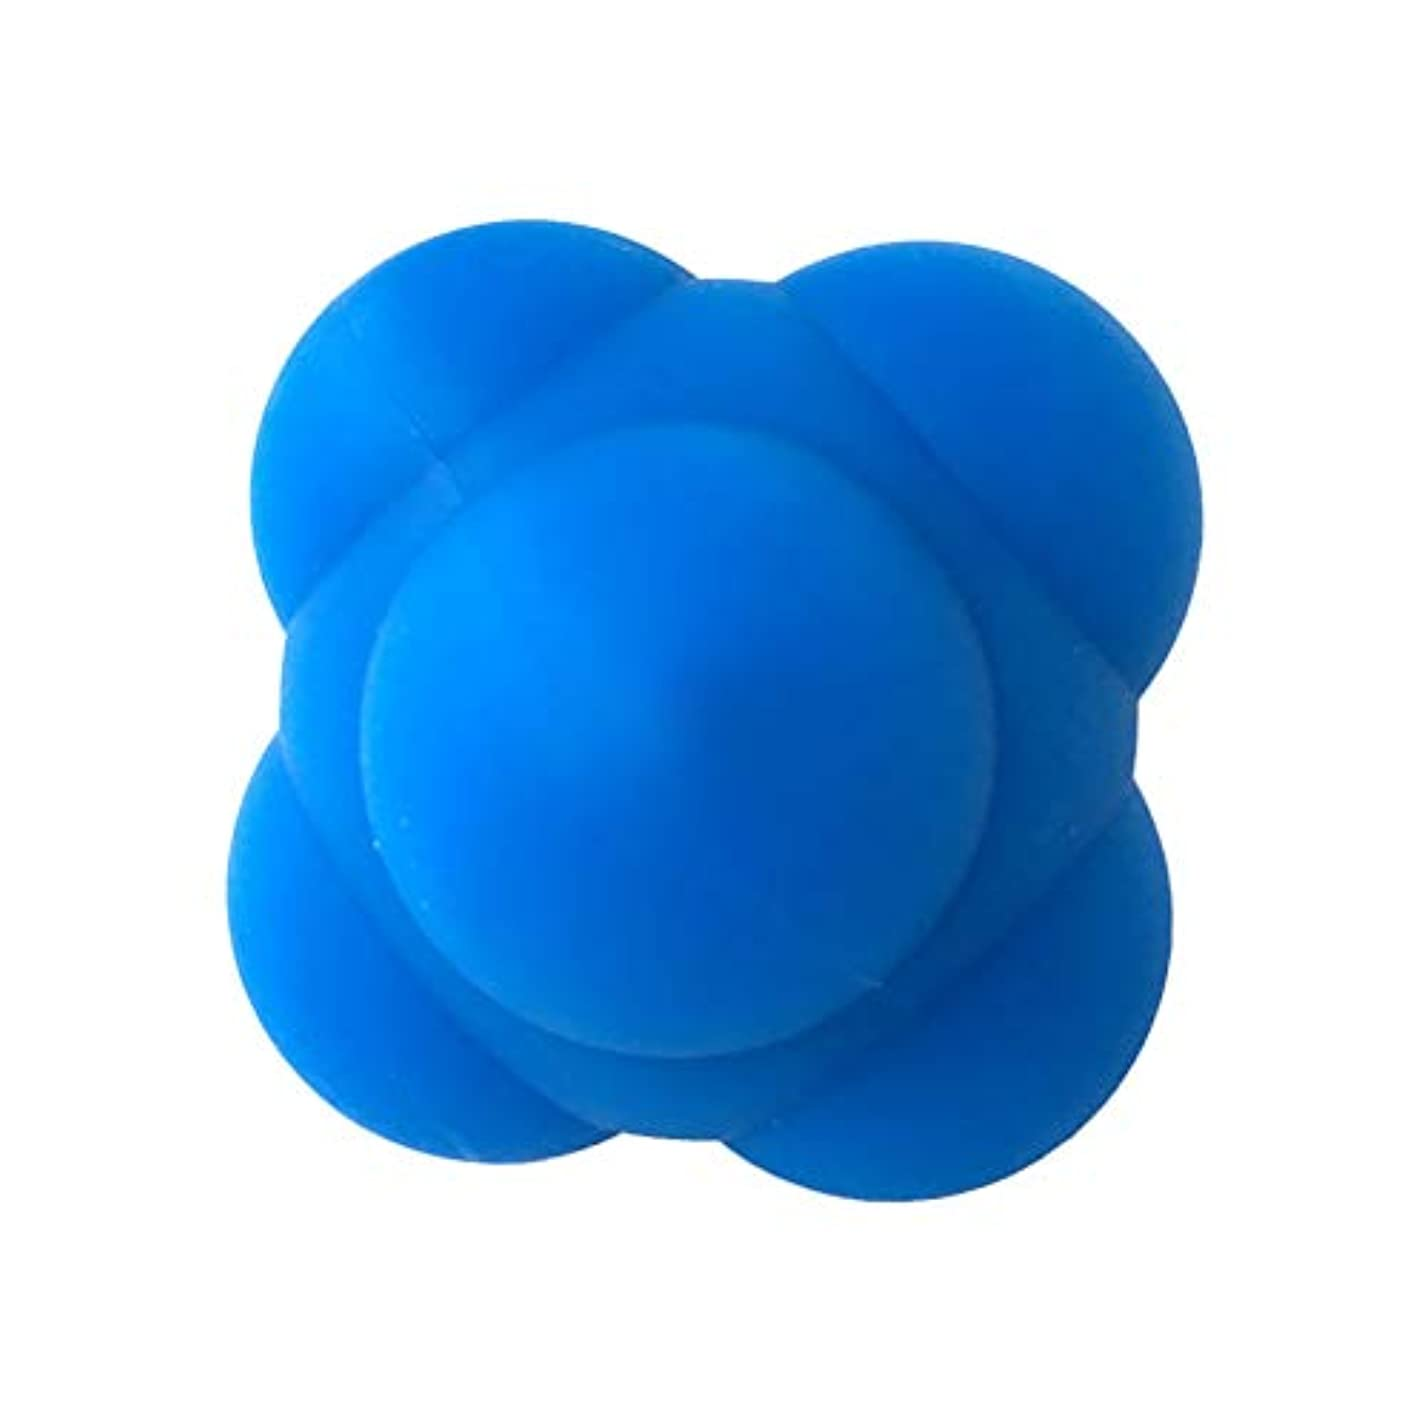 コーン統治可能繁雑Healifty 敏捷性とスピードのためのリアクションボールハンドアイコーディネーションブルー